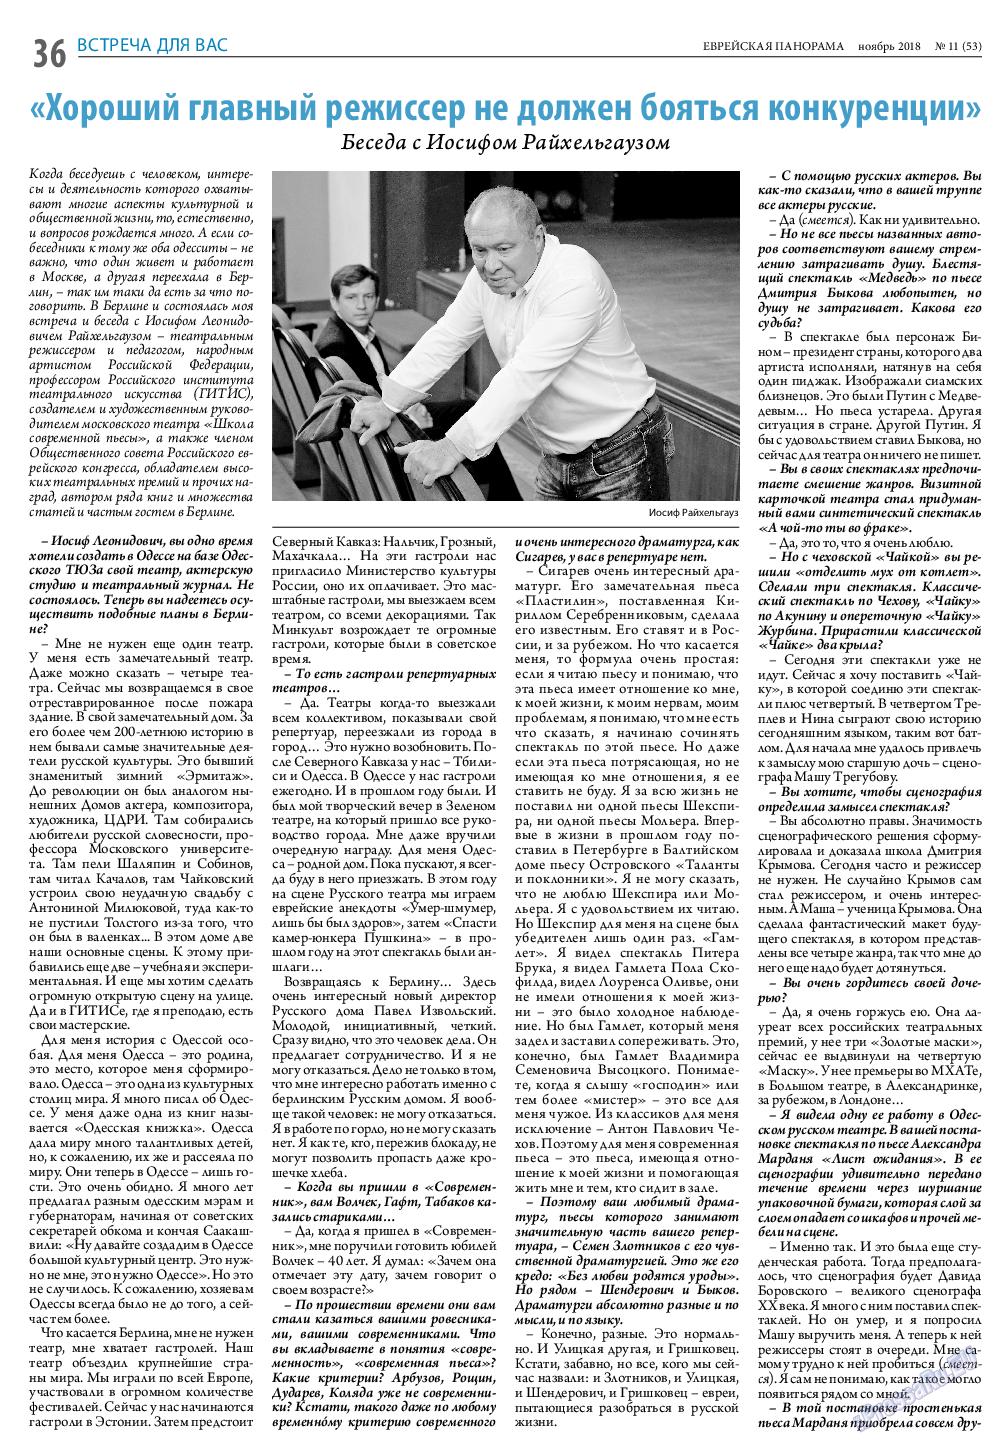 Еврейская панорама (газета). 2018 год, номер 11, стр. 36